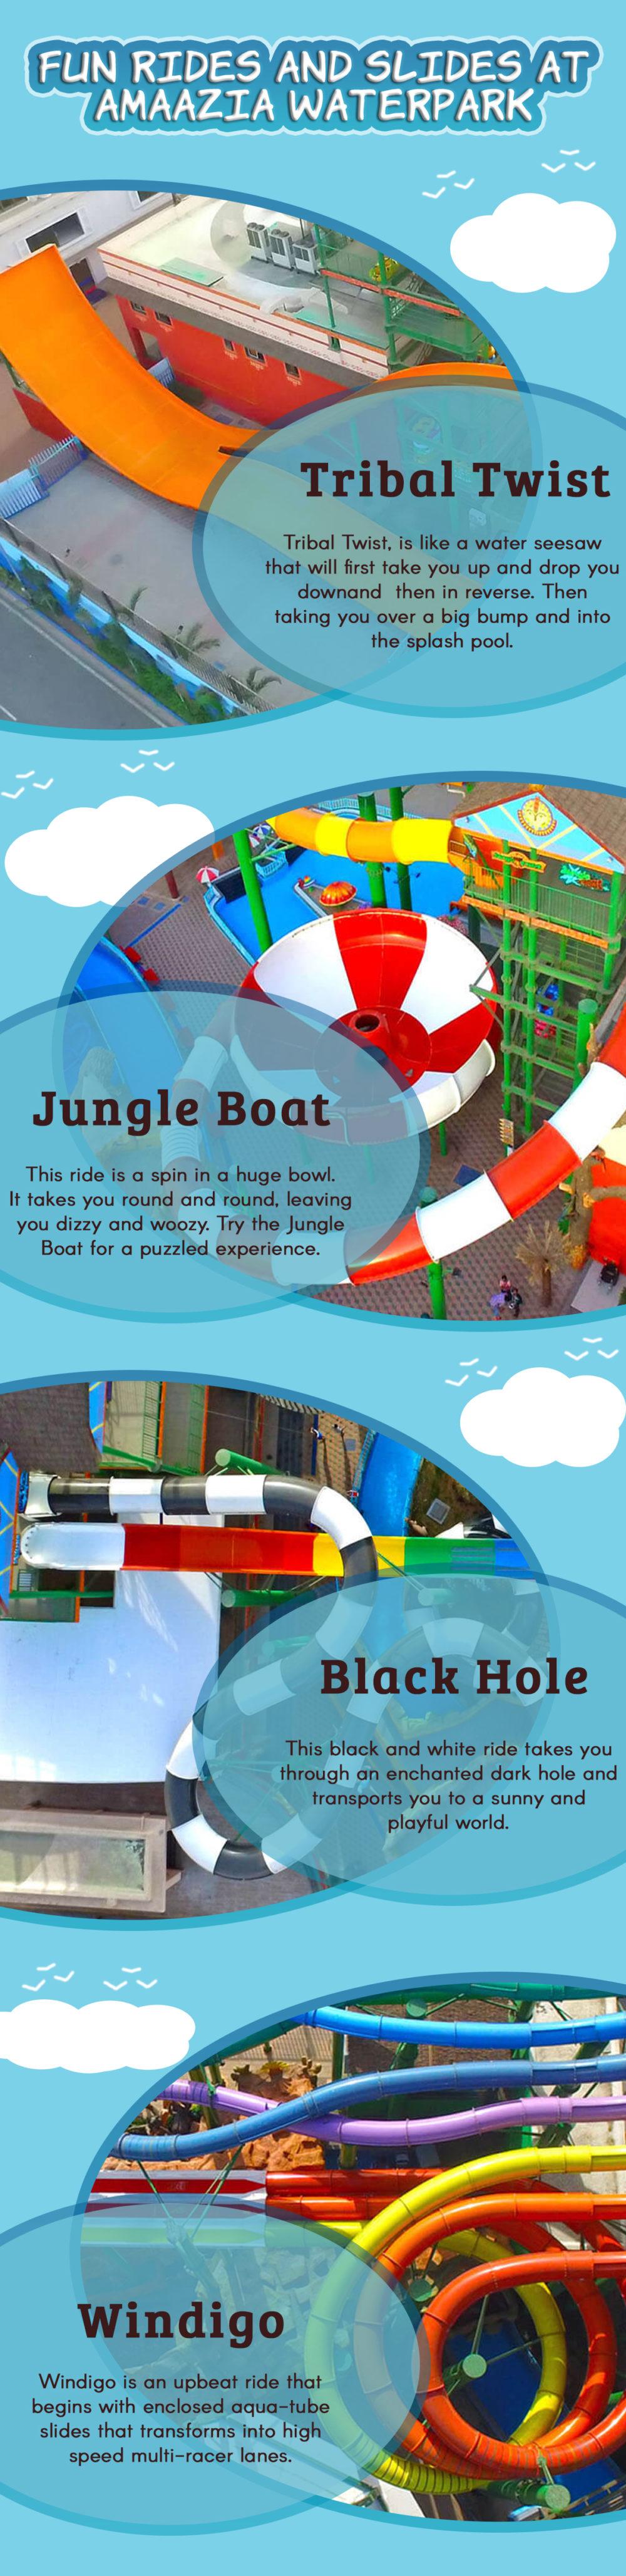 Fun Rides And Slides at Amaazia Water Park